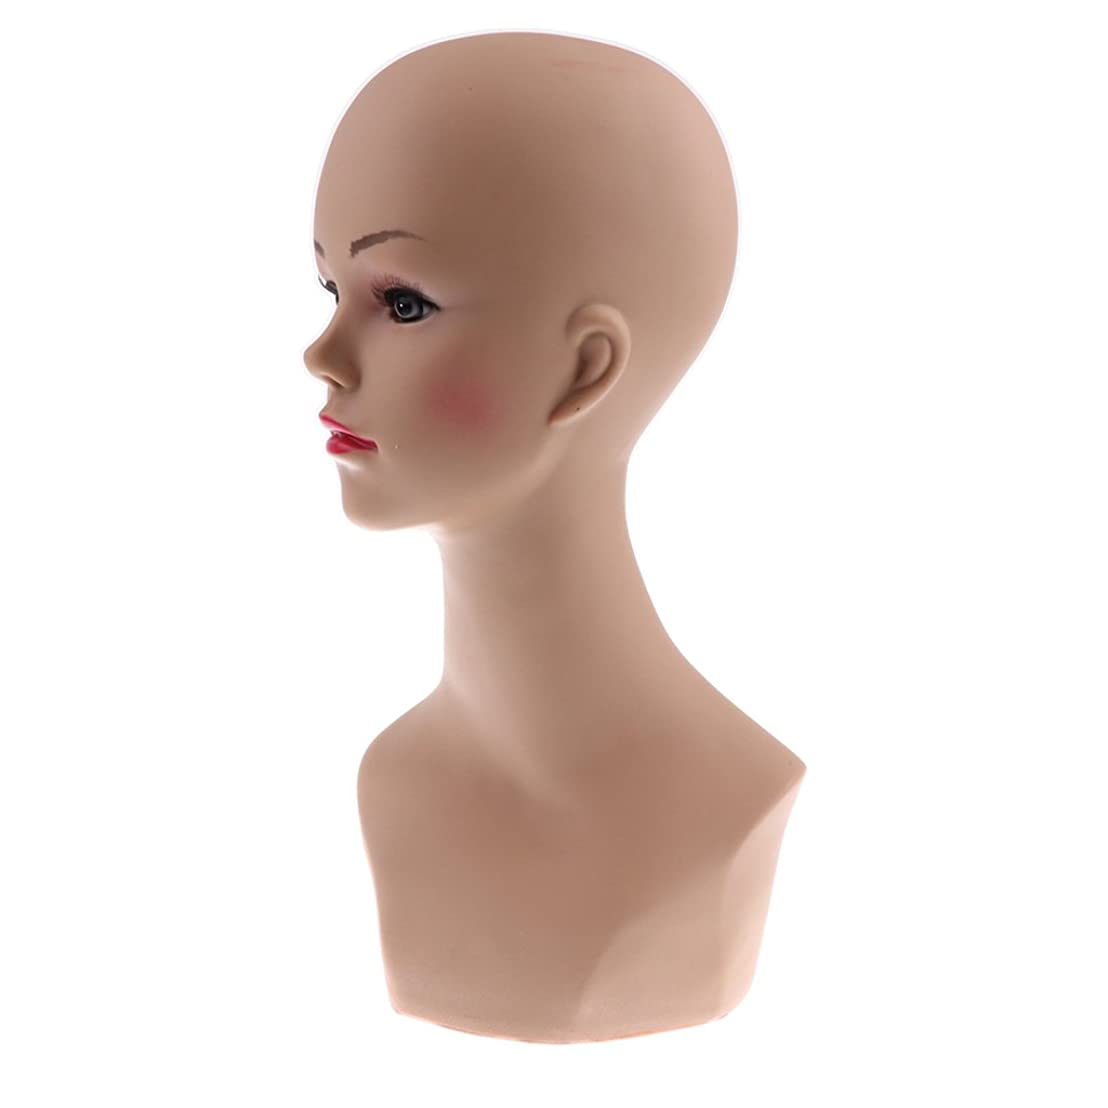 しがみつく瞬時に報復するKesoto 女性 マネキン マネキンヘッド かつら 帽子 ジュエリー 眼鏡 スカーフ ディスプレイ モデル